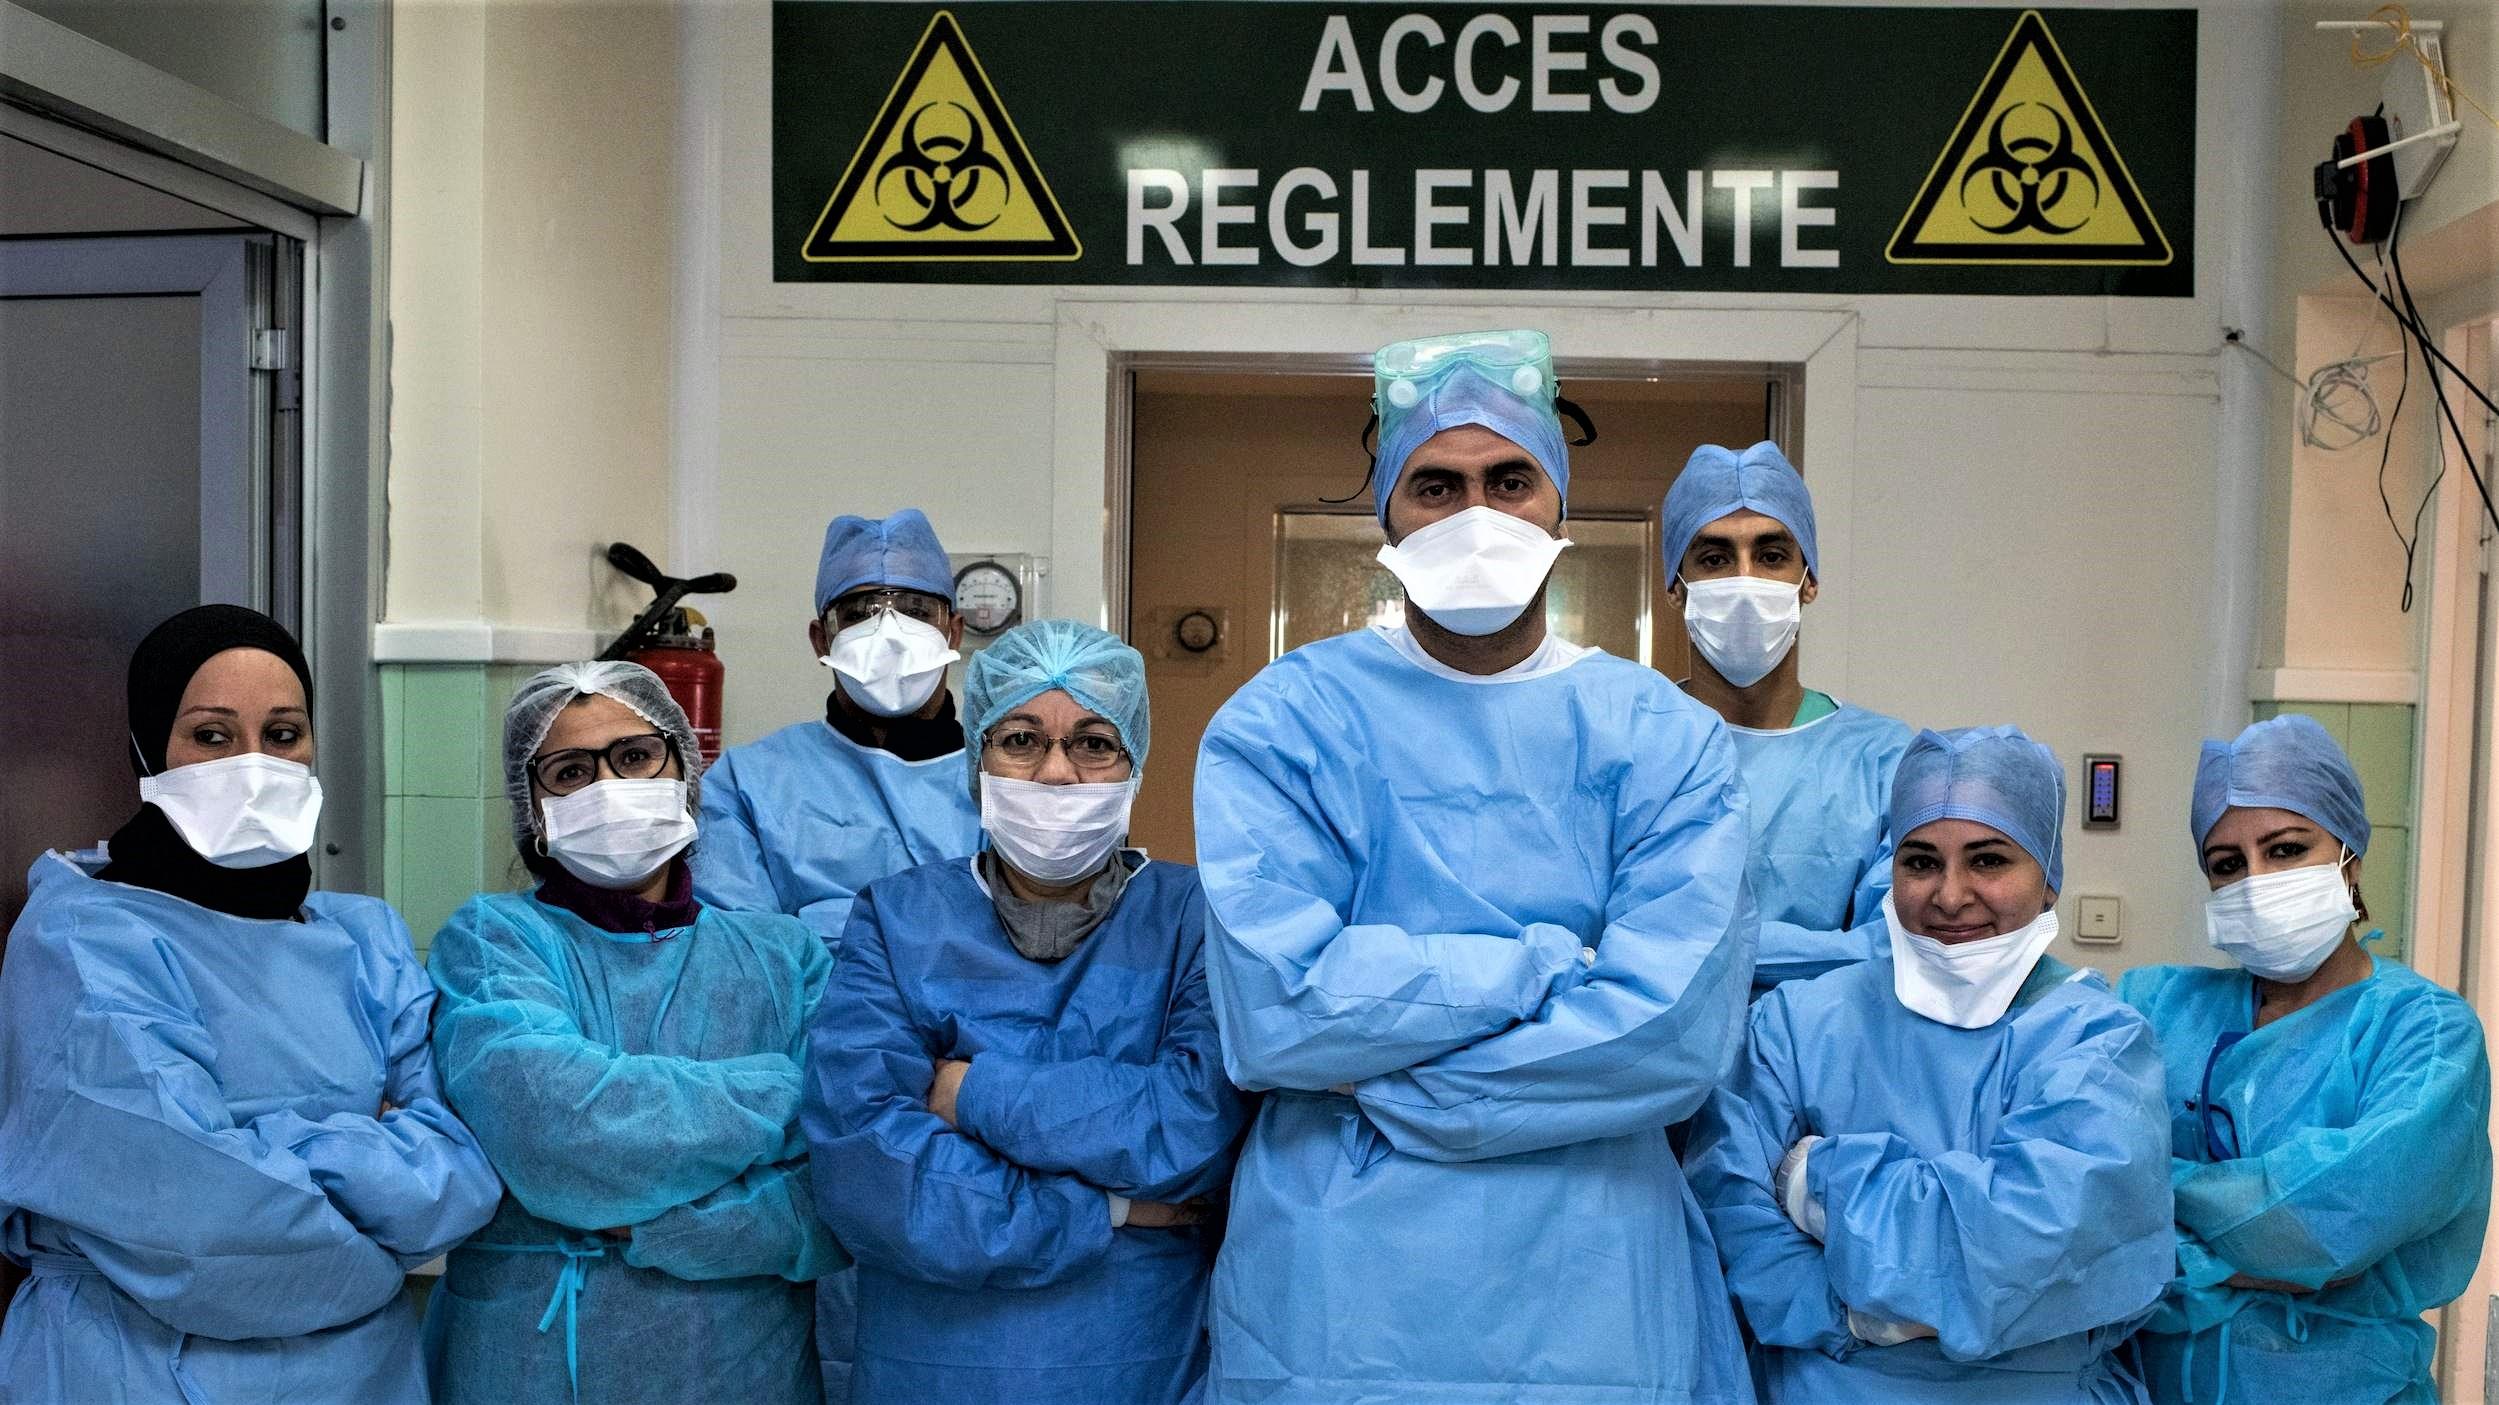 Primes covid-19 : le personnel de Santé excédé par l'atermoiement du gouvernement